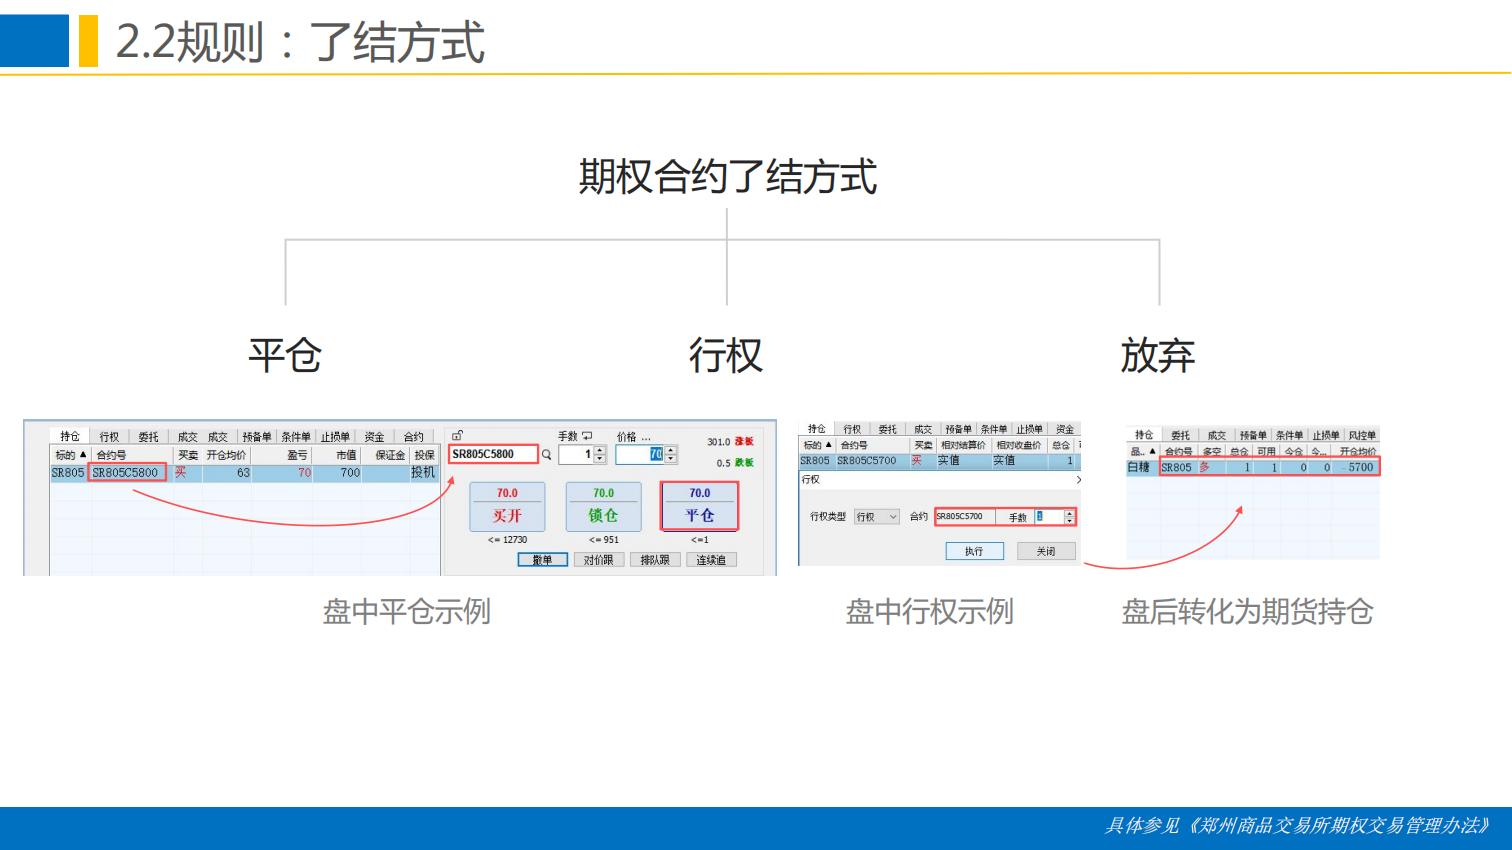 晨会:郑商所培训分享-棉花期权合约规则与上市工作安排0111.pdfx_20.png